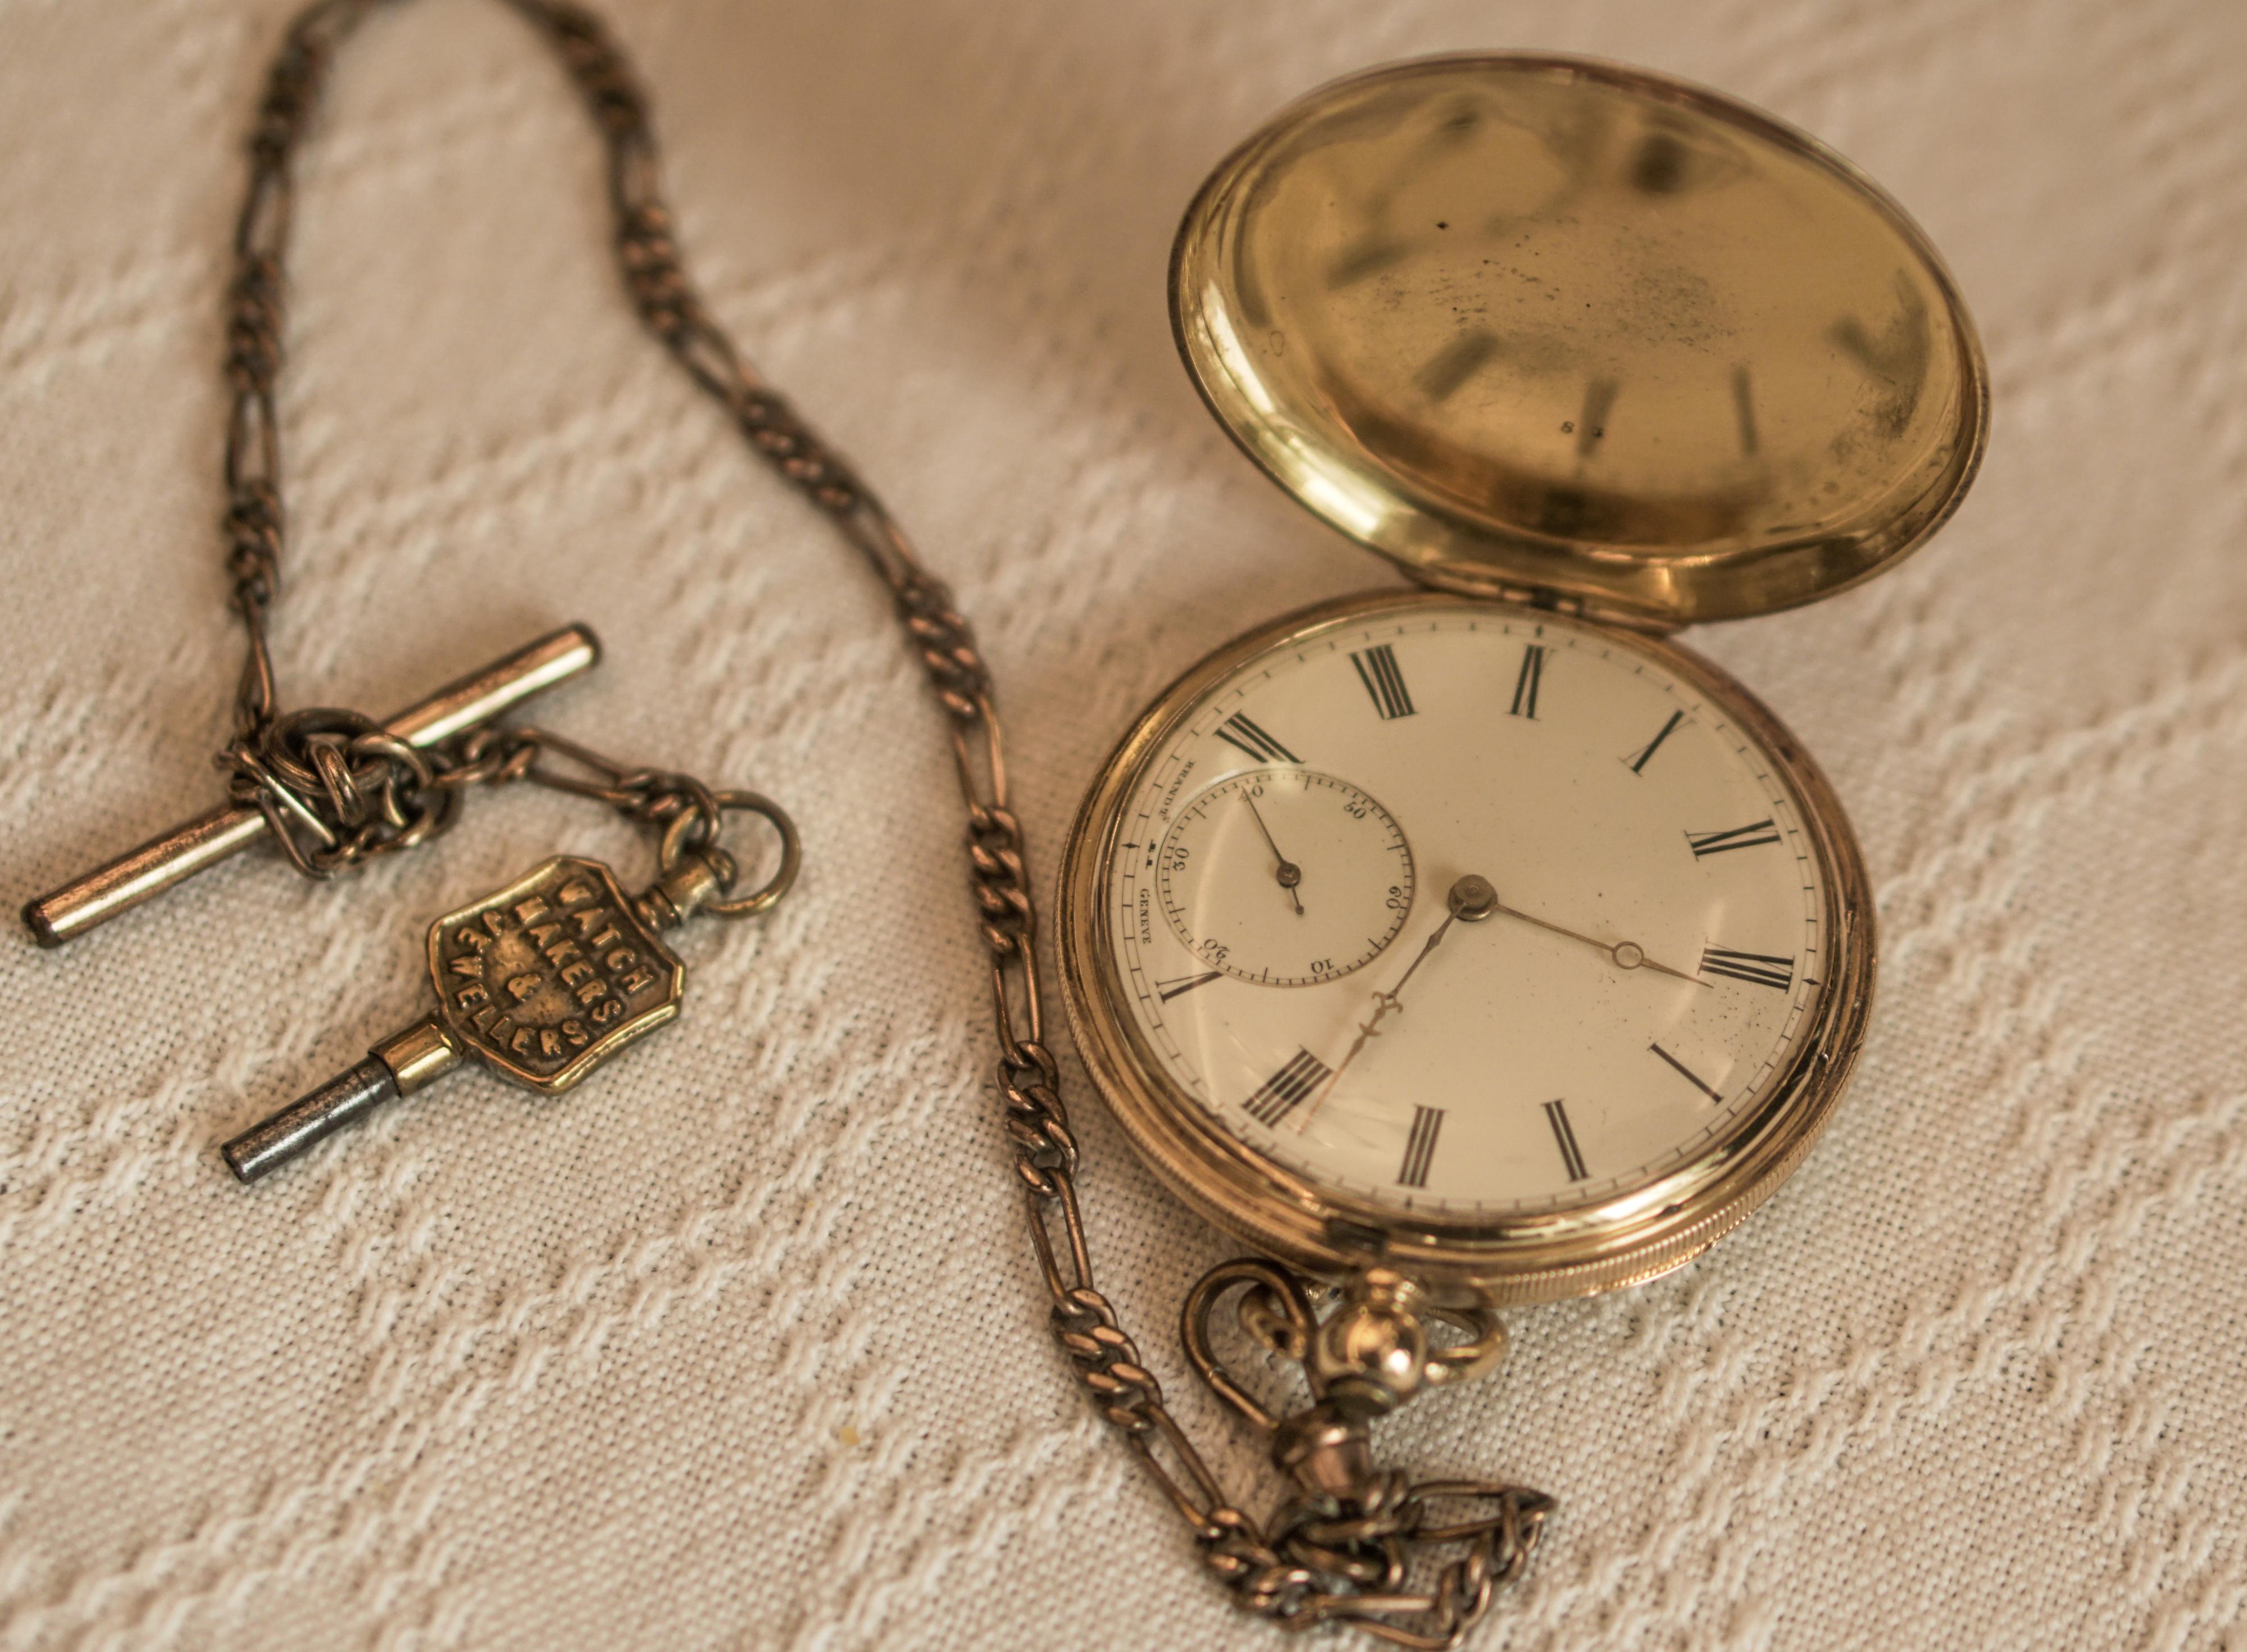 DILJEET TITUS 6 - Talking watches with Diljeet Titus